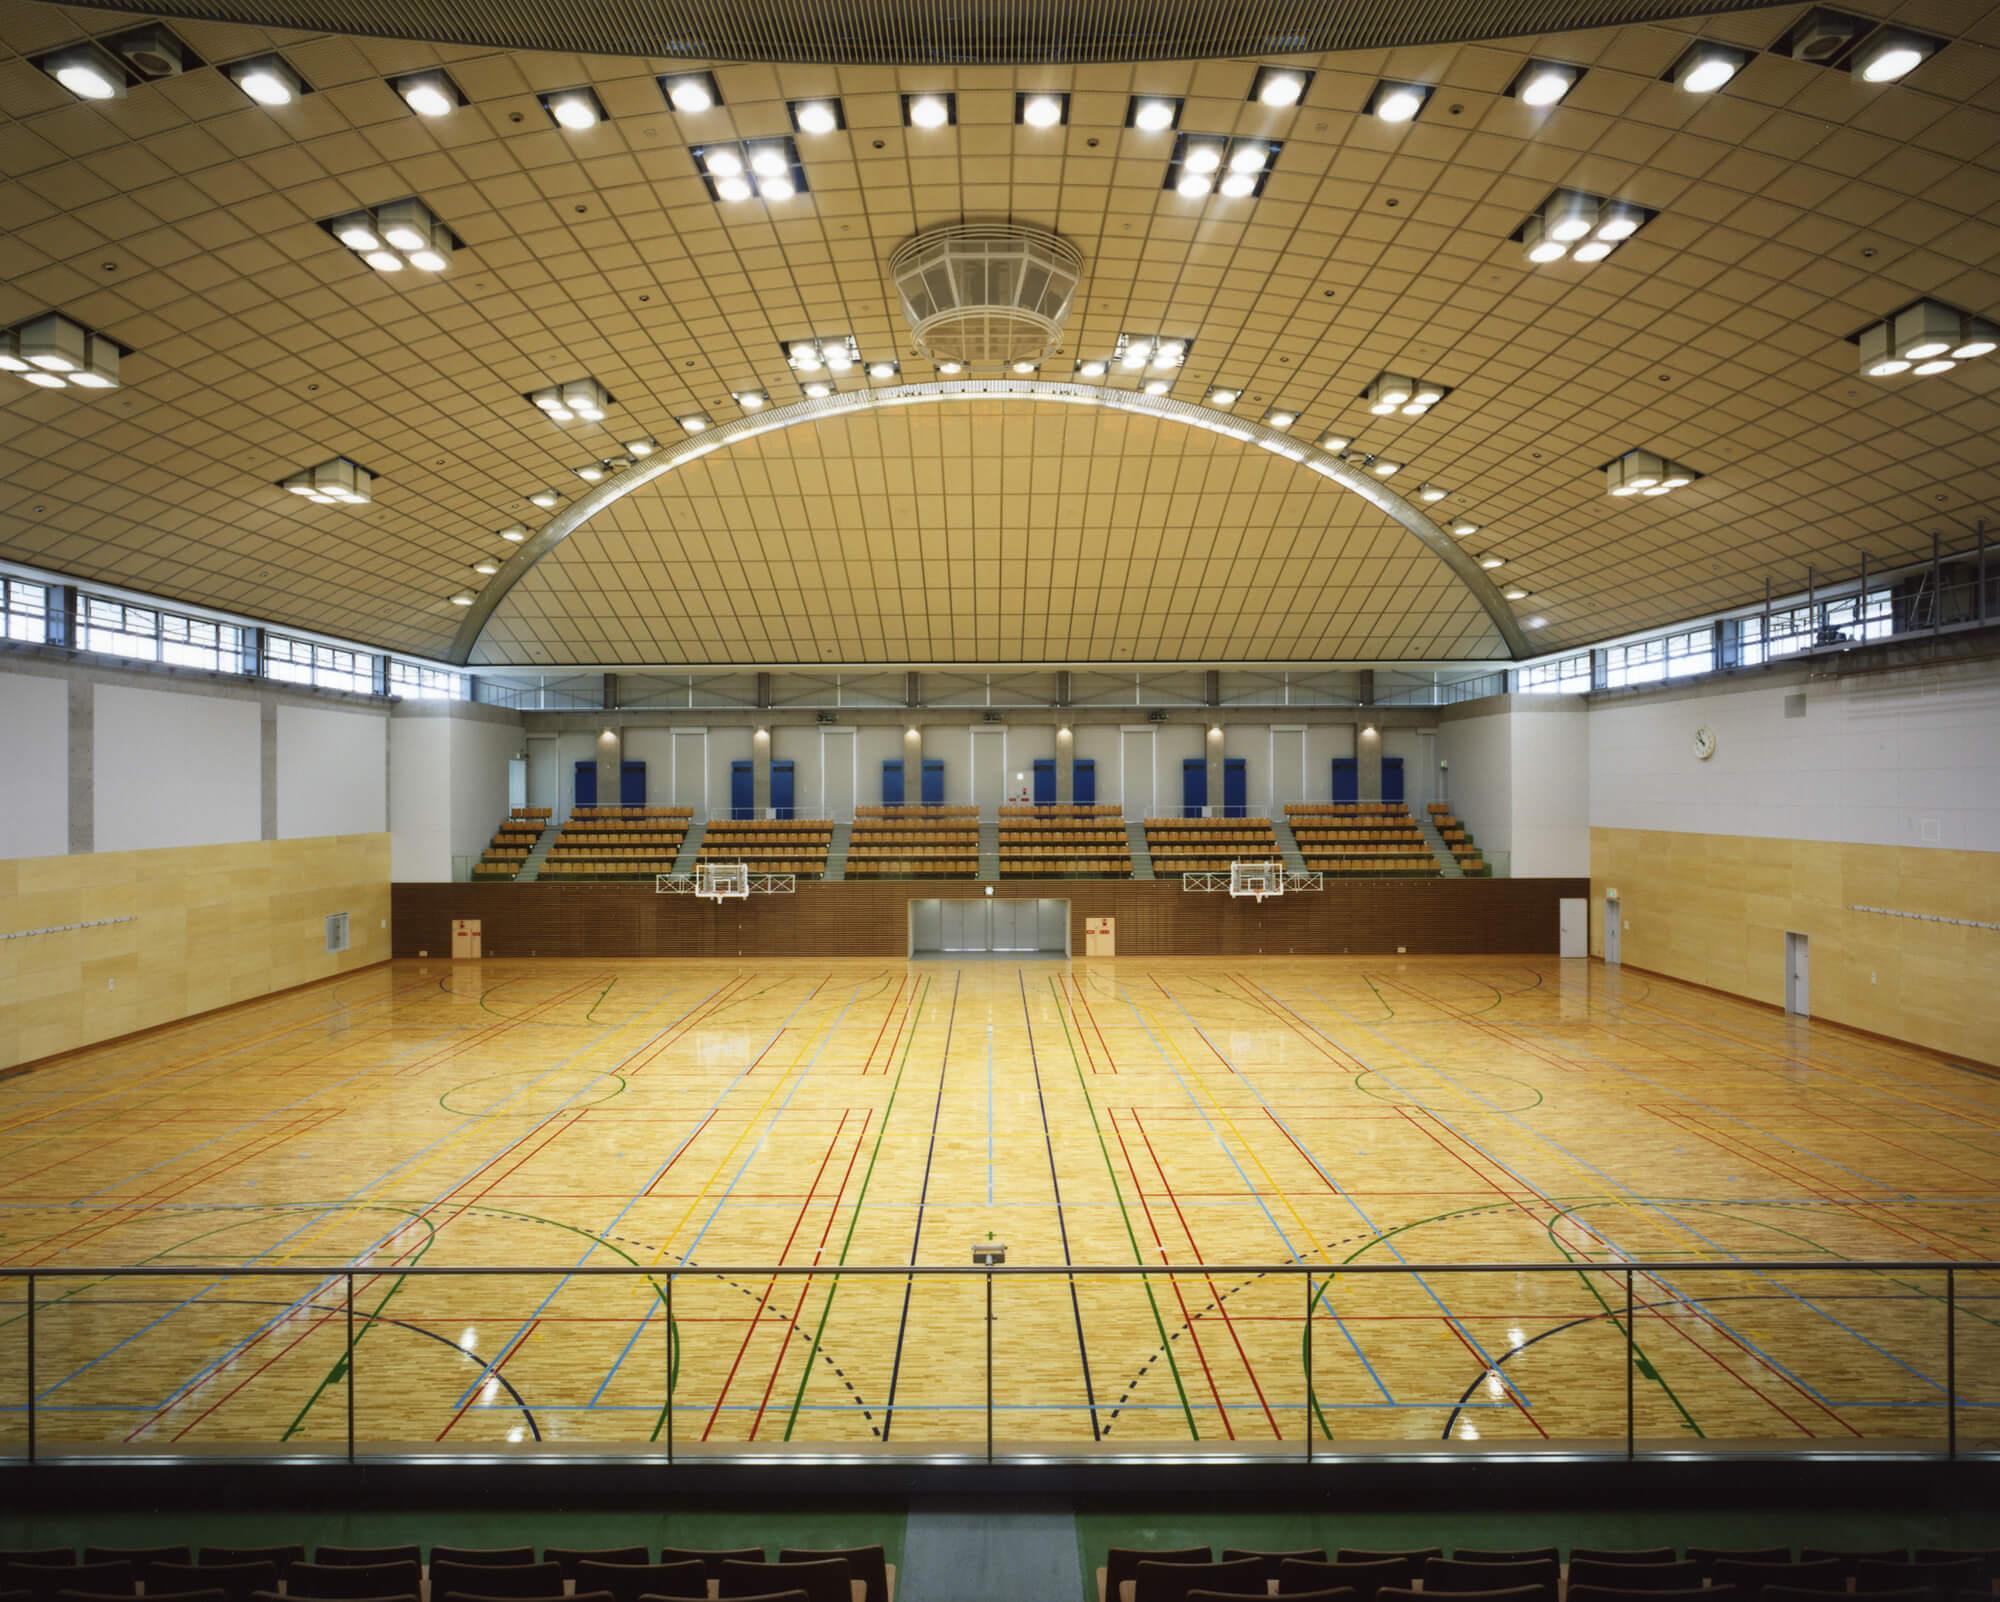 堺市原池公園体育館|Work|梓設計